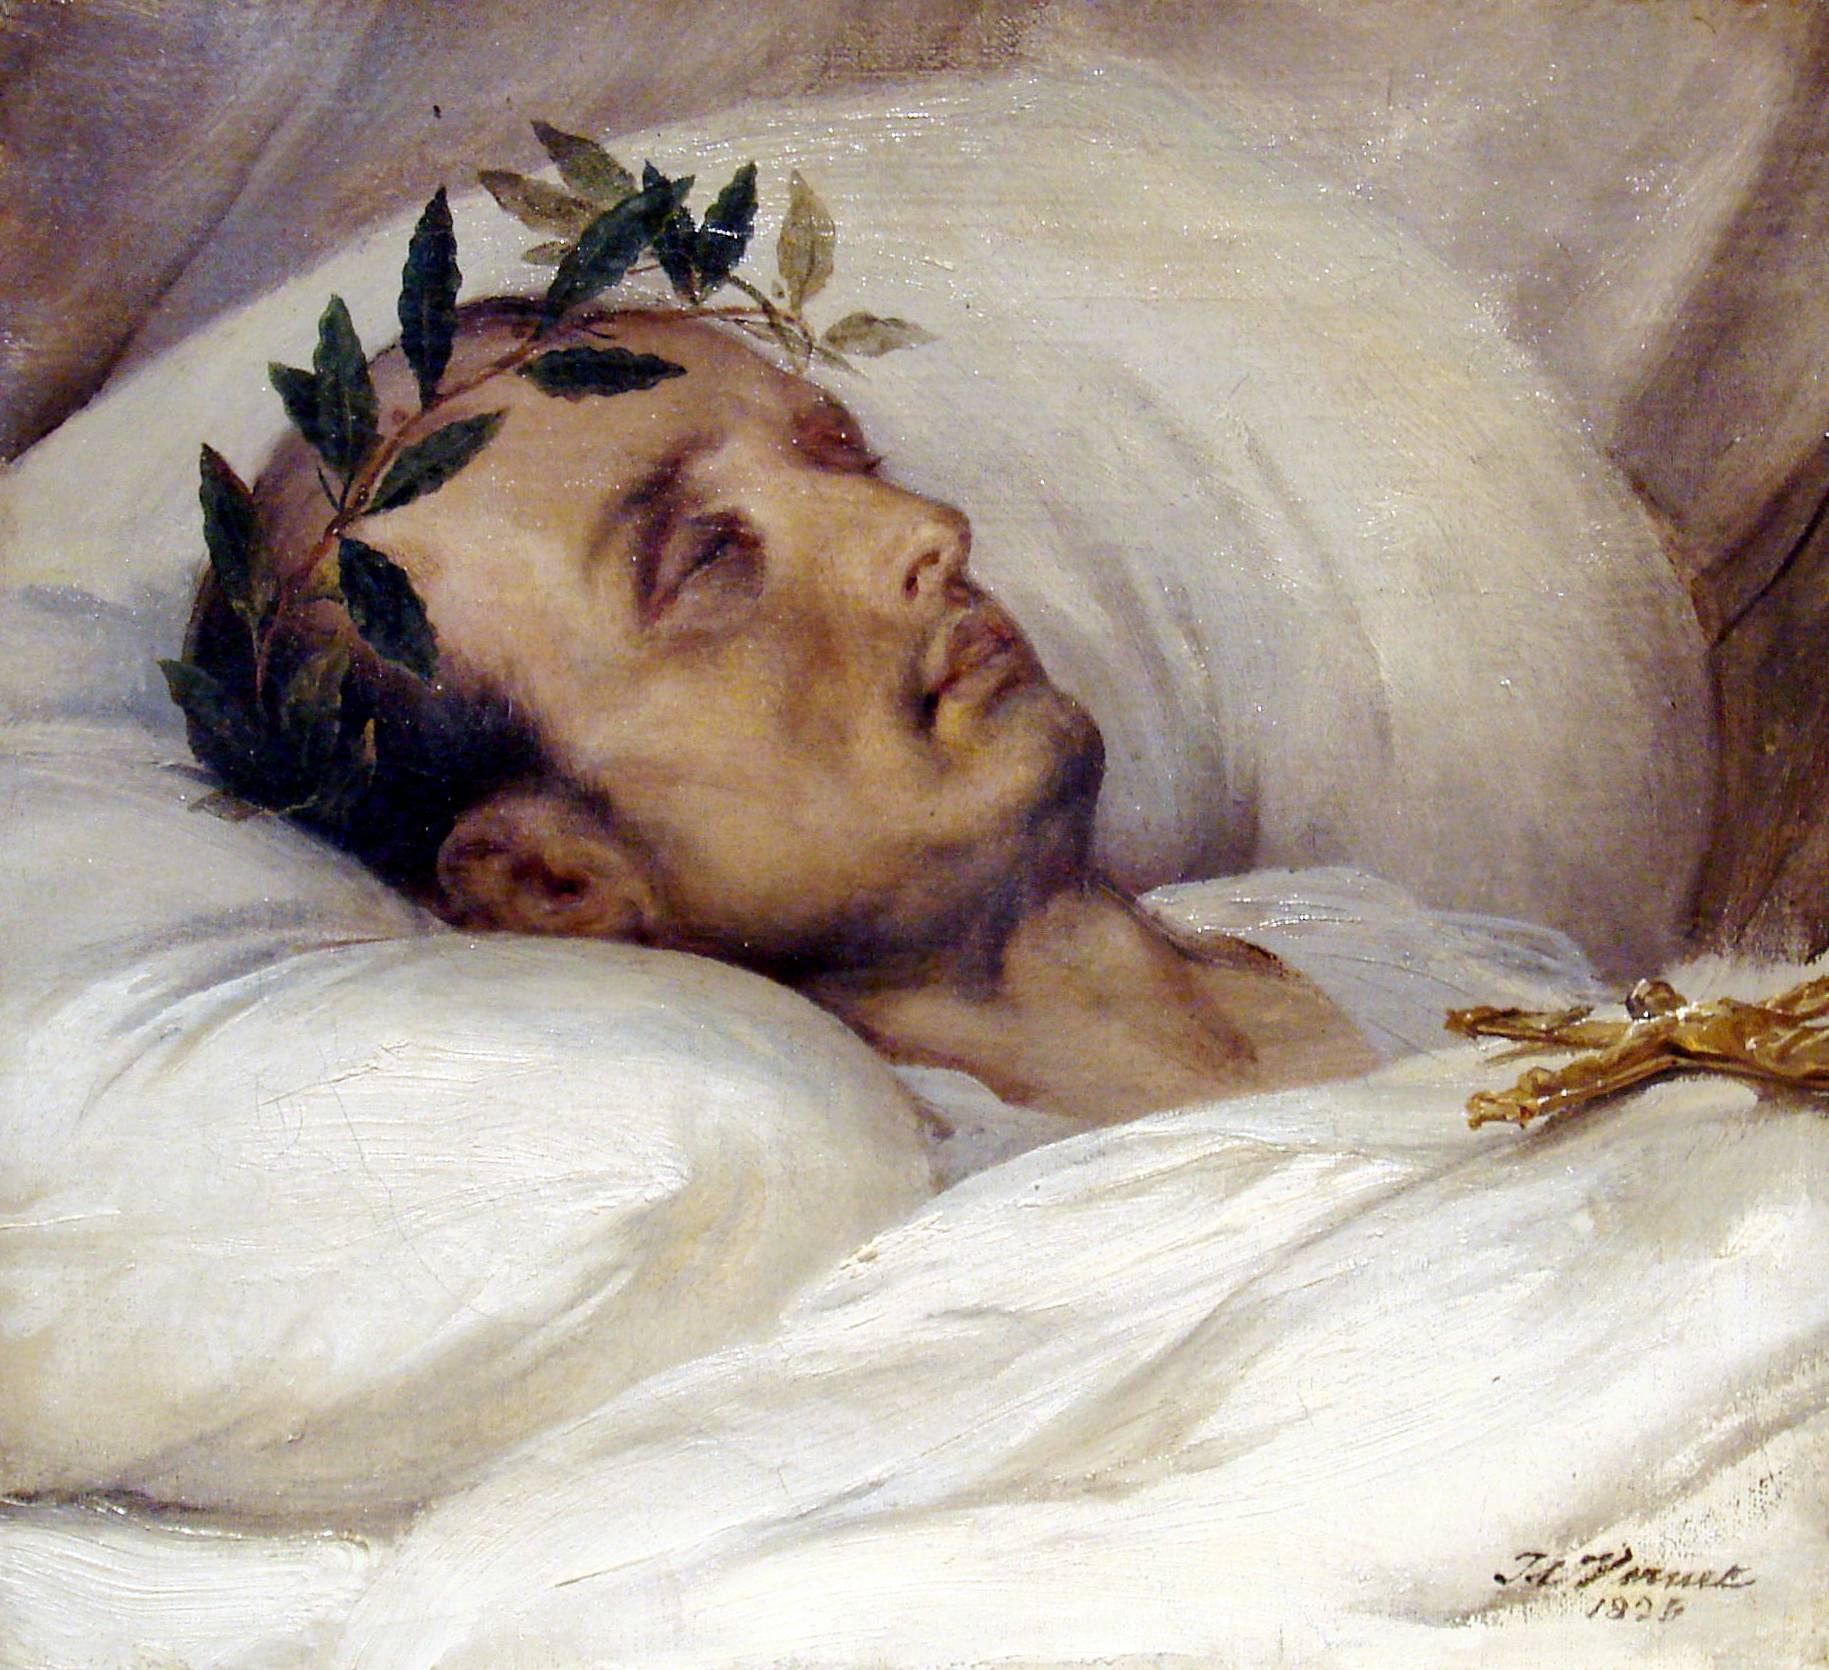 NAPOLEON sur son lit de mort par Horace VERNET